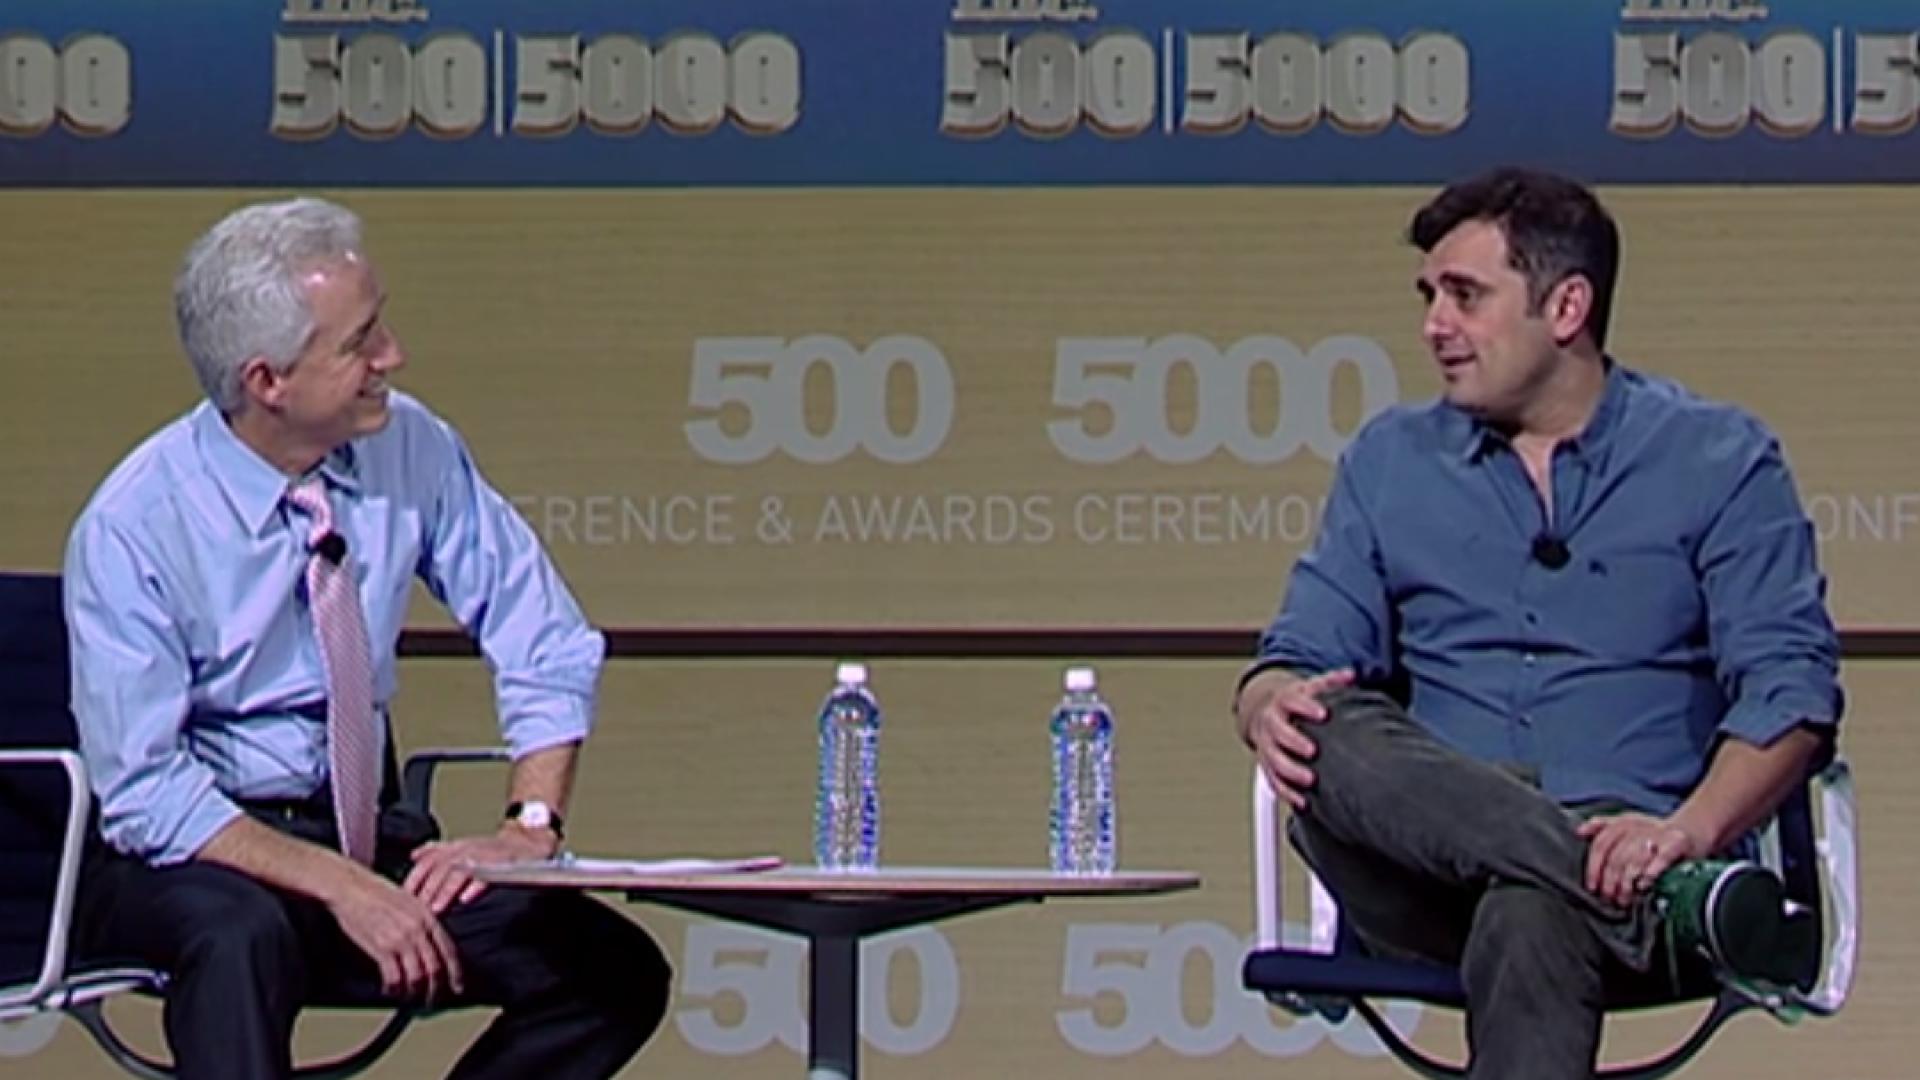 Gary Vaynerchuk: In Social Media, Patience Is a Virtue